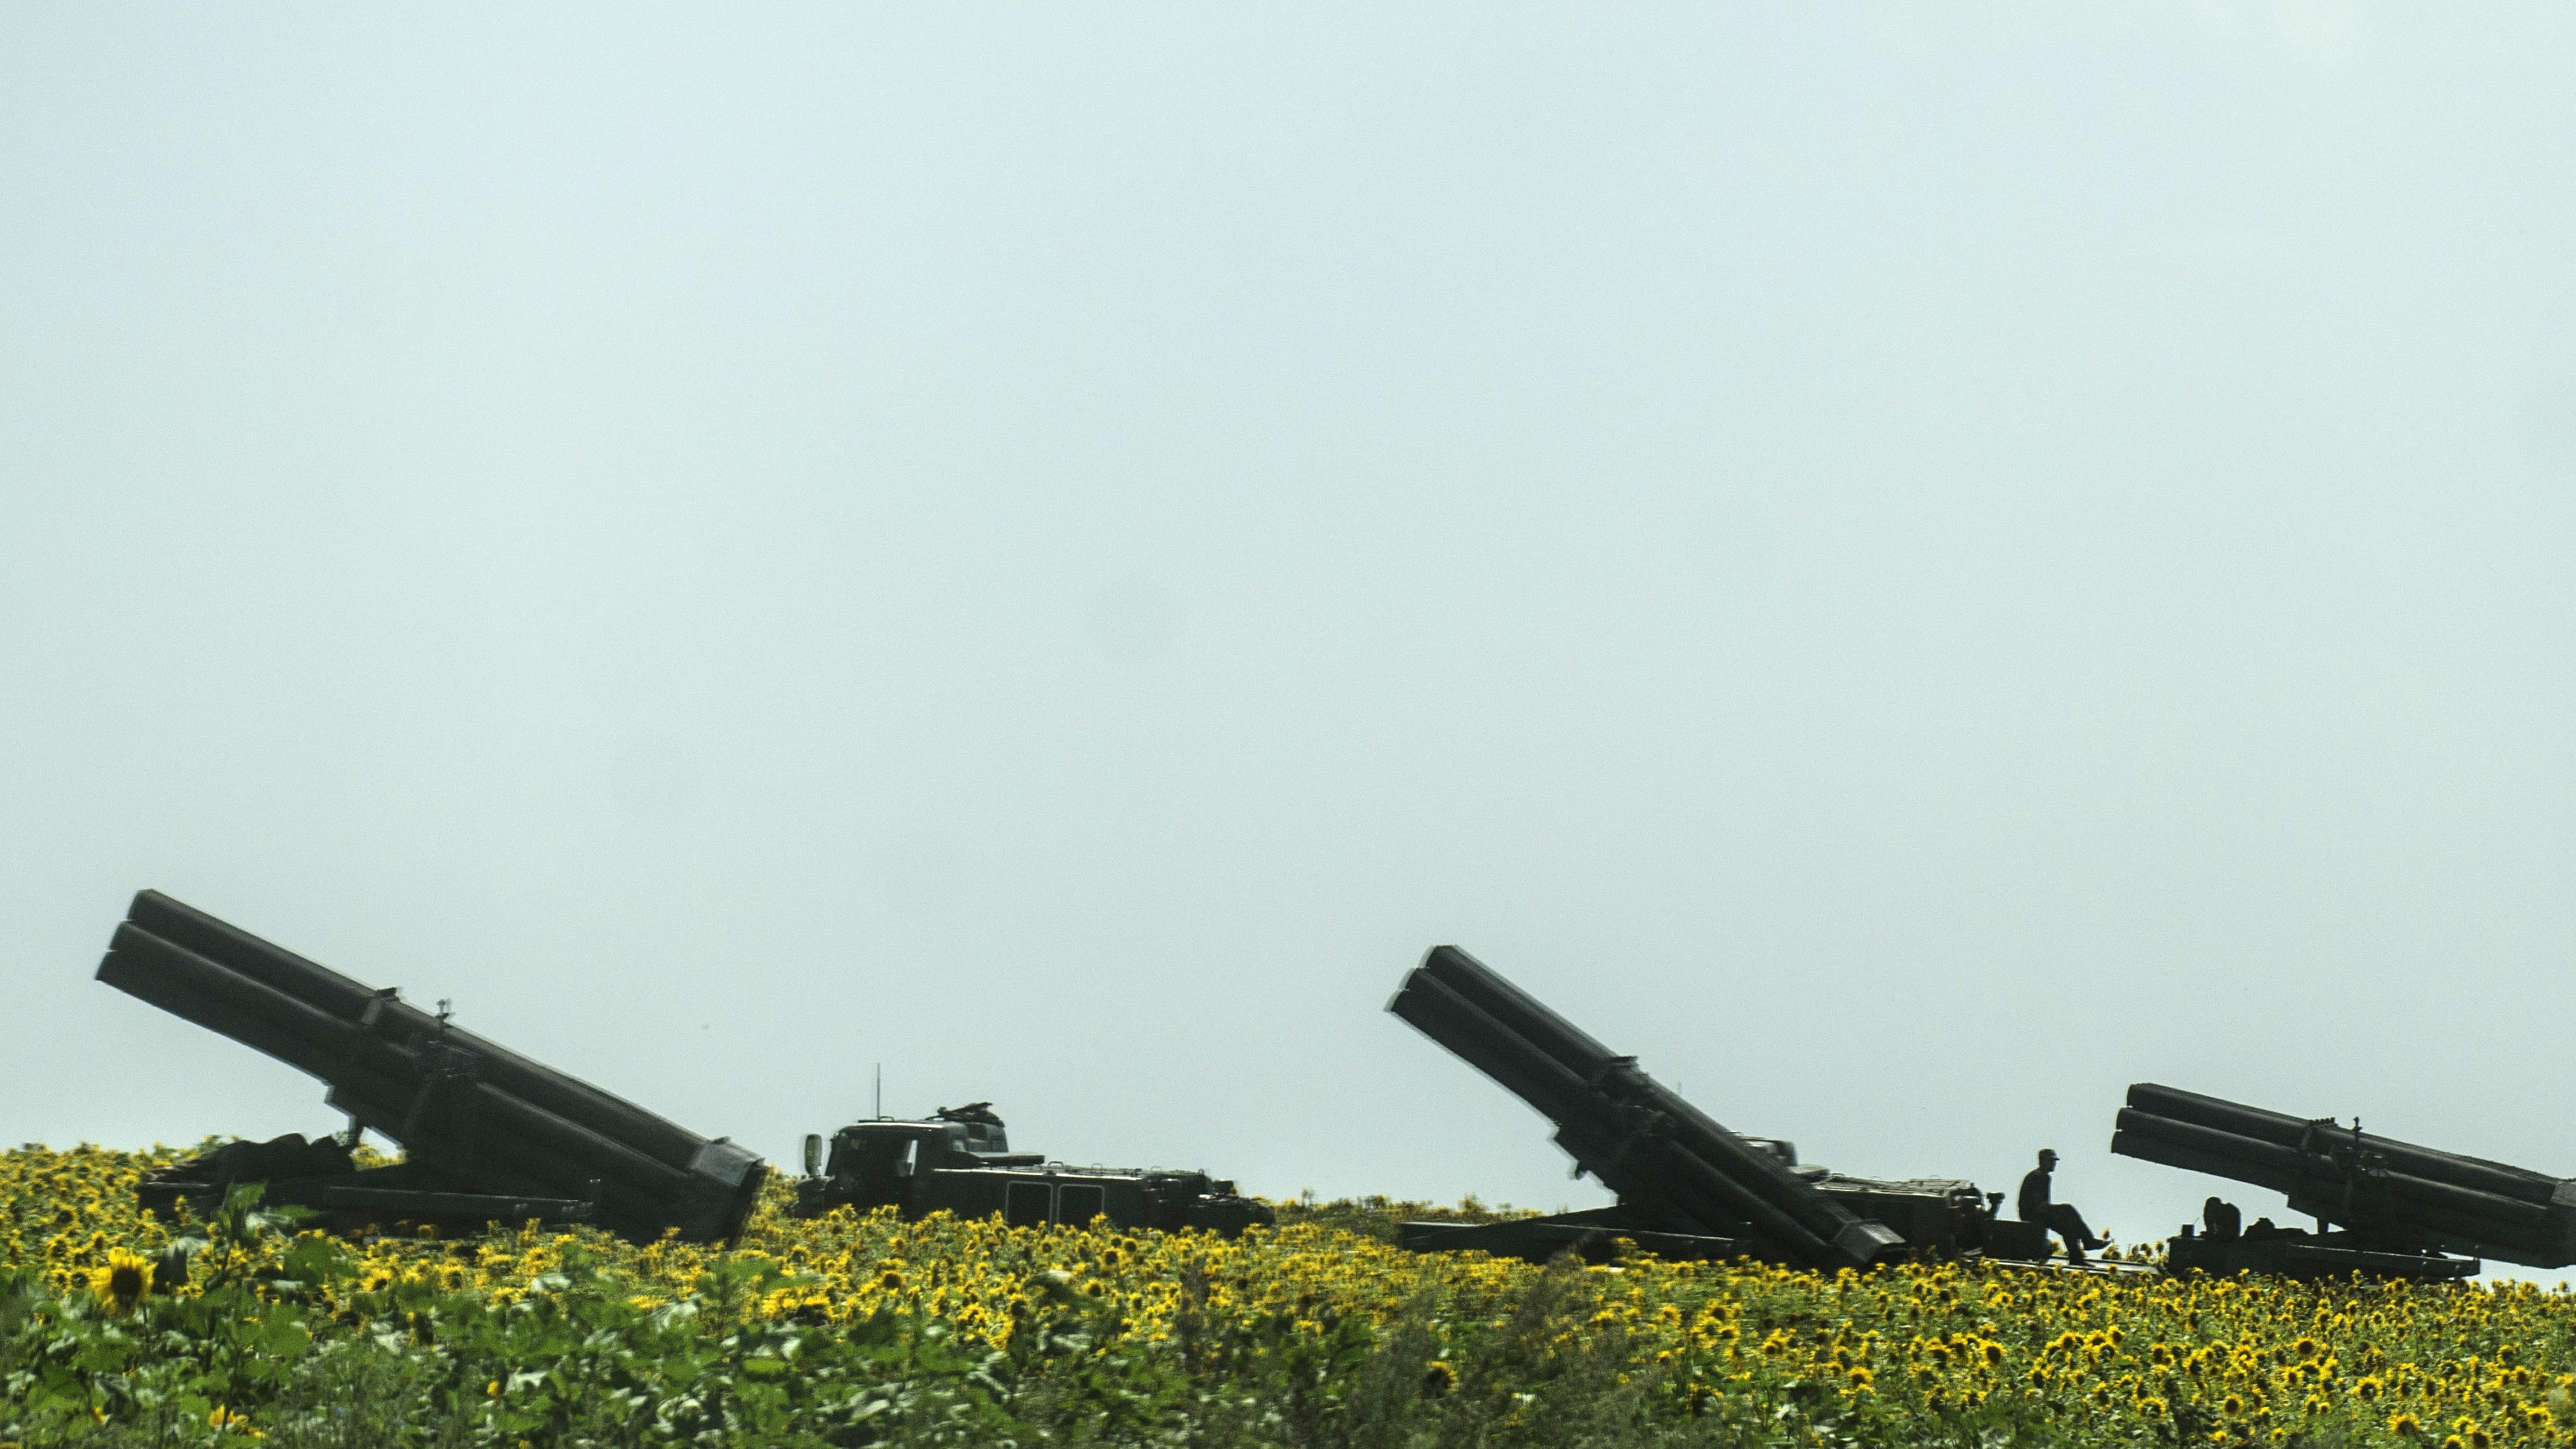 Militär bombardiert Separatisten in Donezk